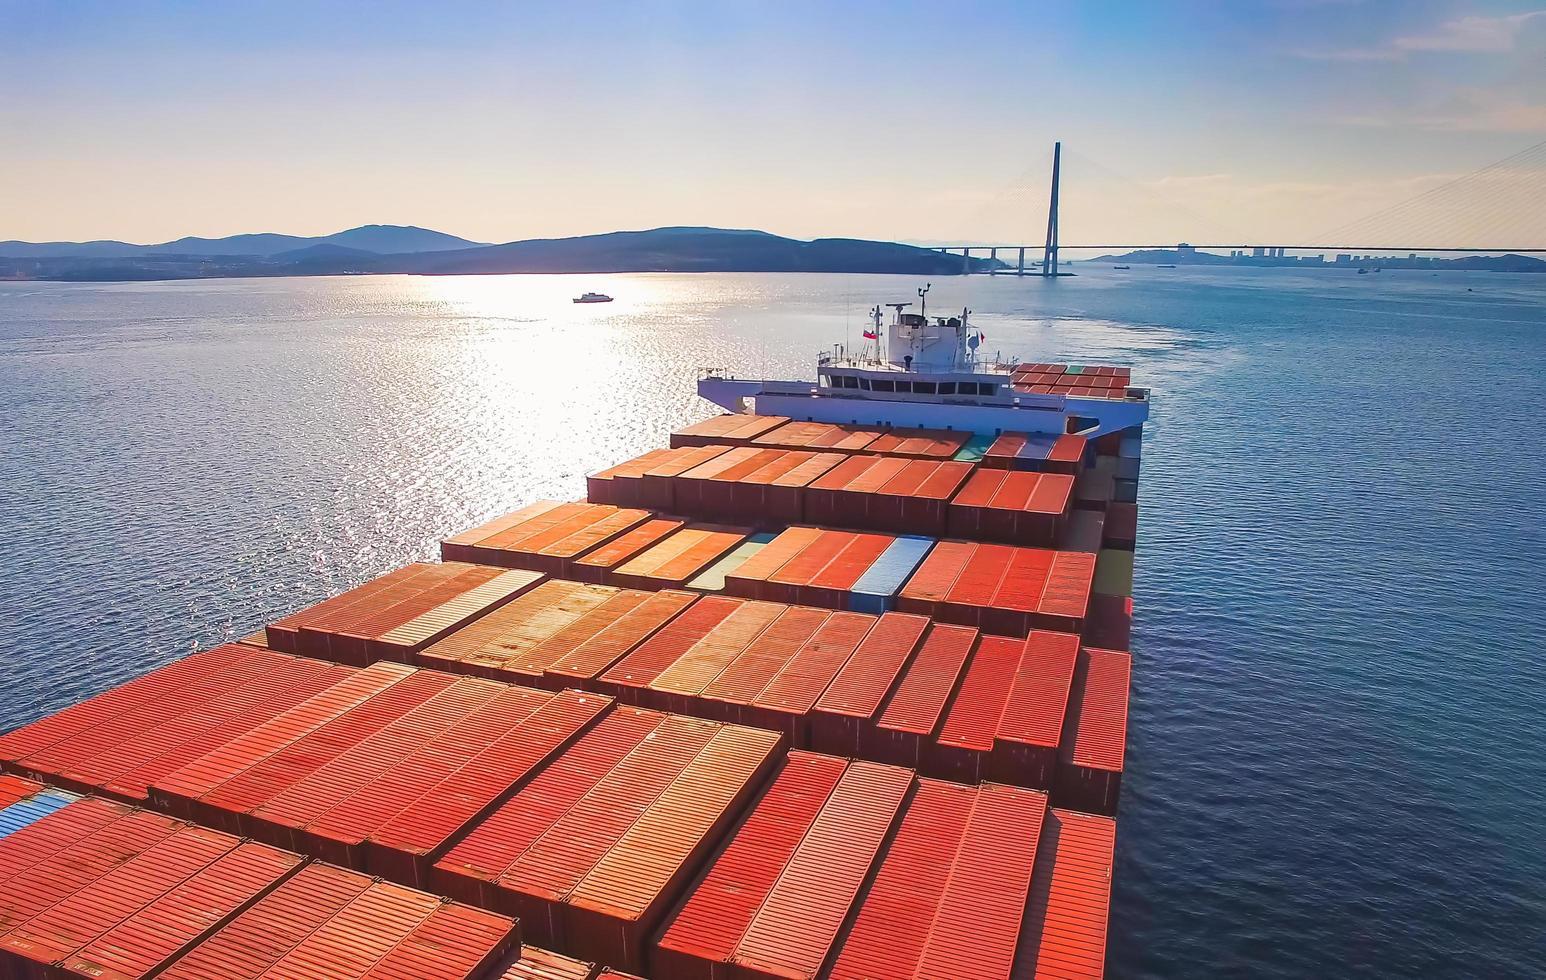 verankertes Containerschiff im Hafen in der Straße in Wladiwostok, Russland foto